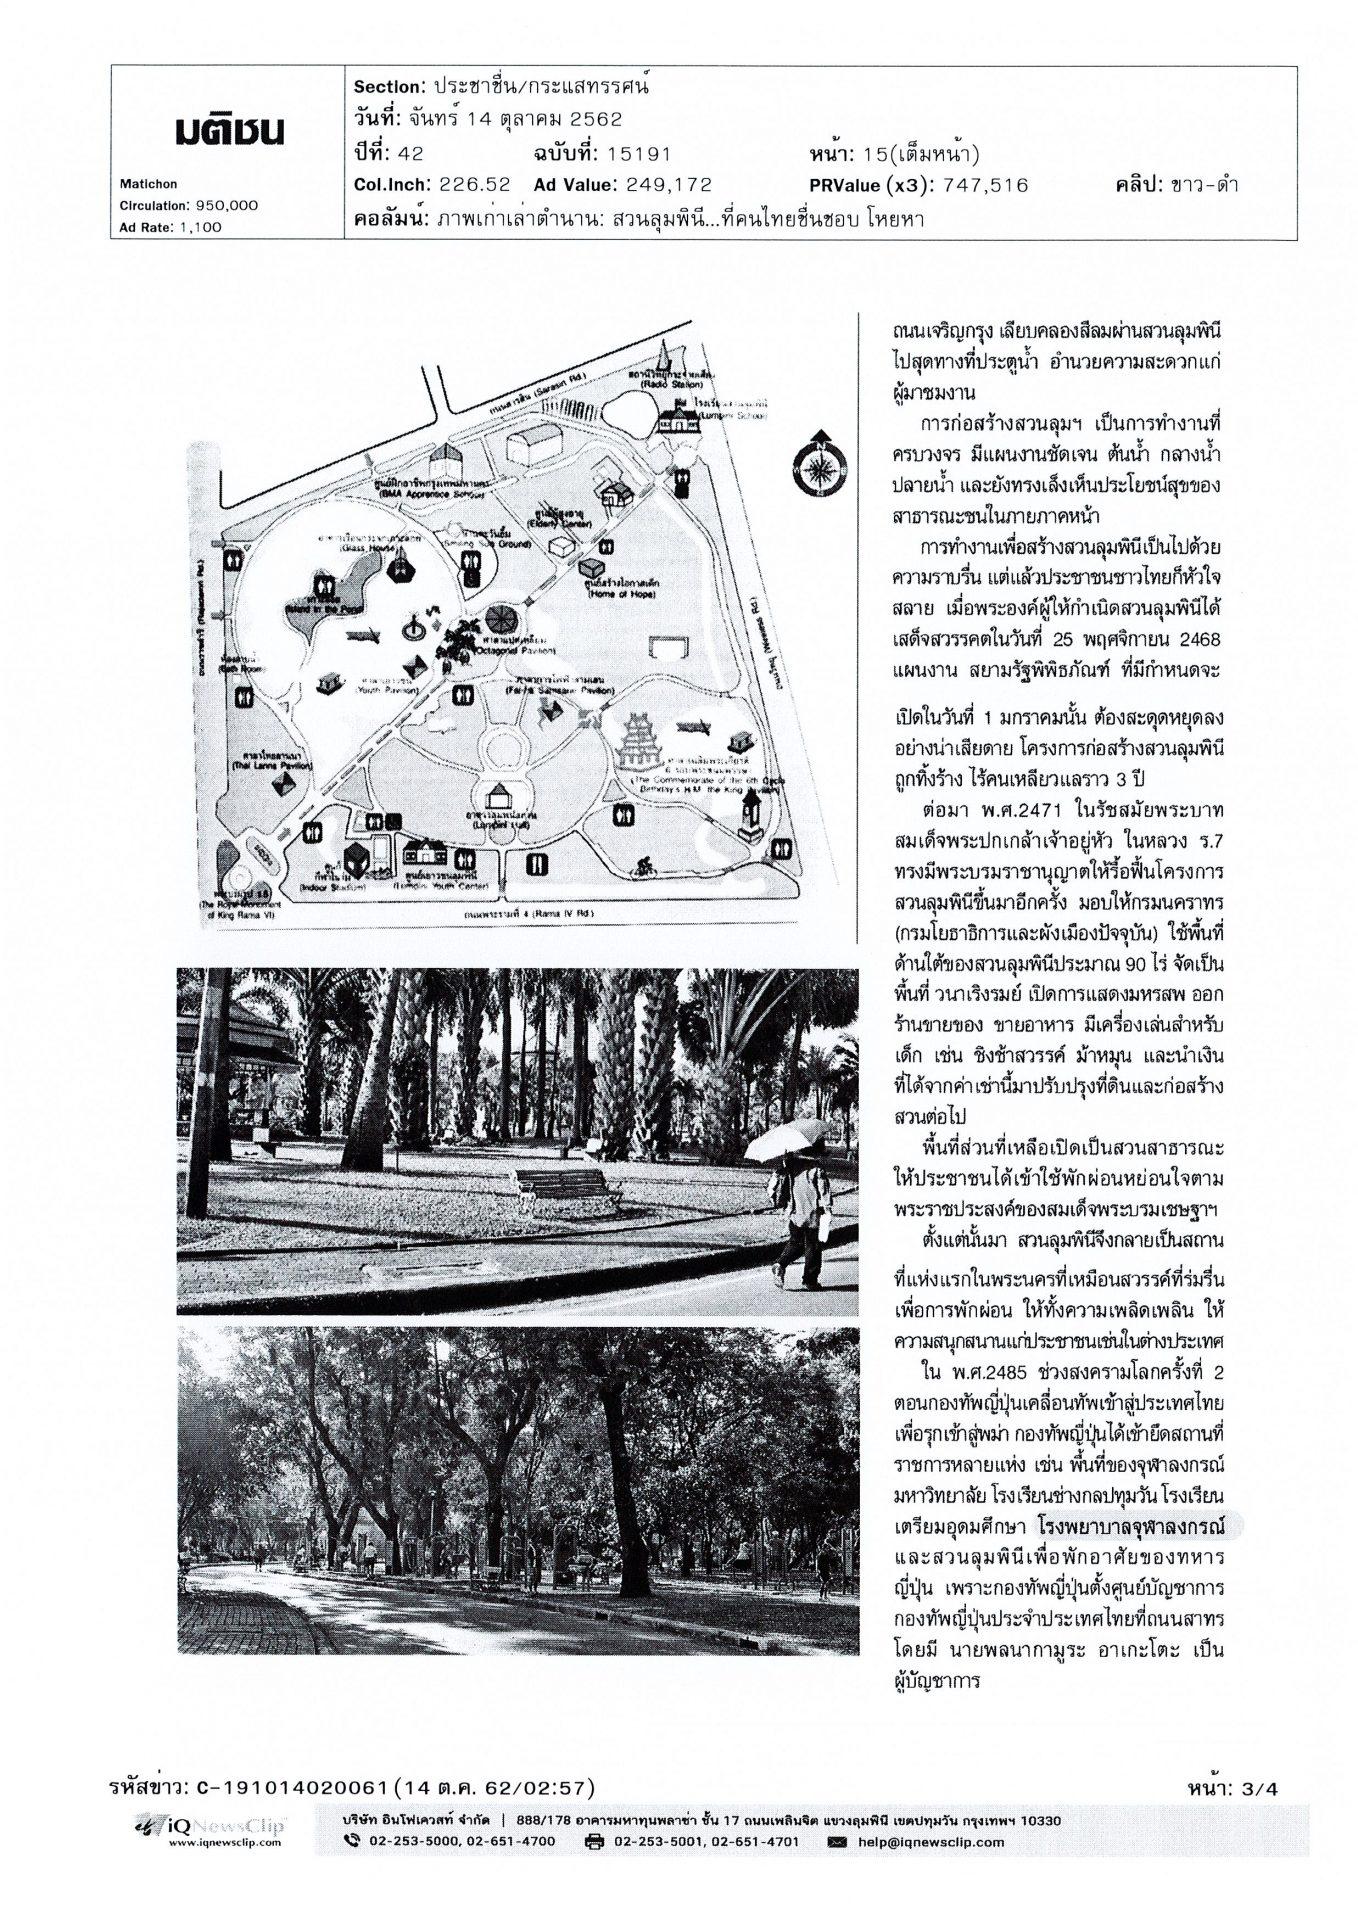 สวนลุมพินี..ที่คนไทยชื่นชอบ